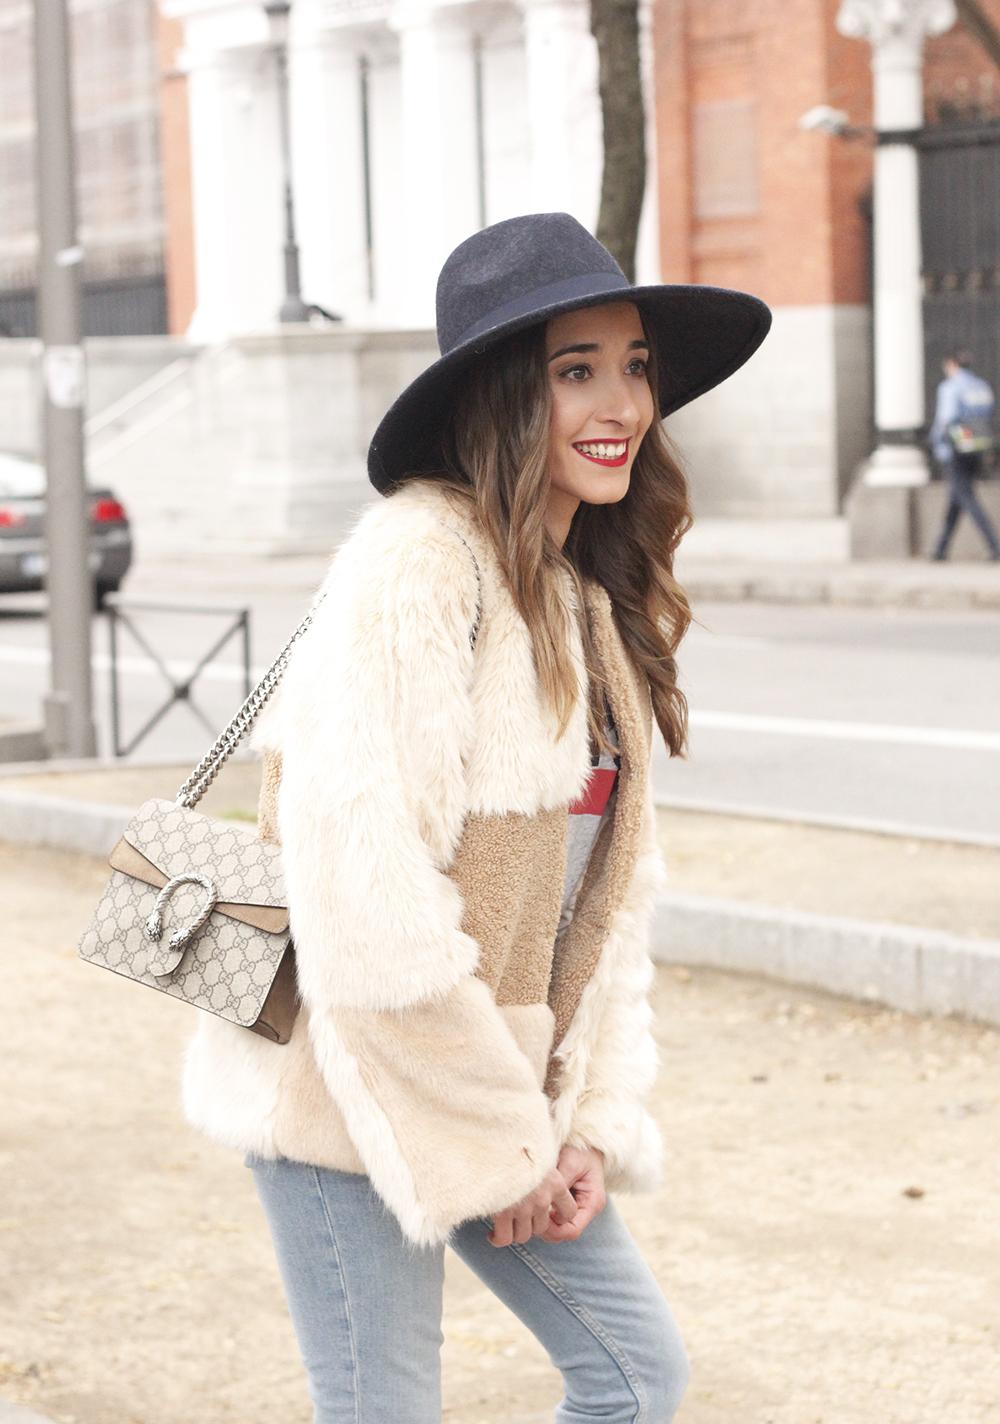 Beige faux fur coat zara blue hat nude heels jeans style fashion outfit winter 03